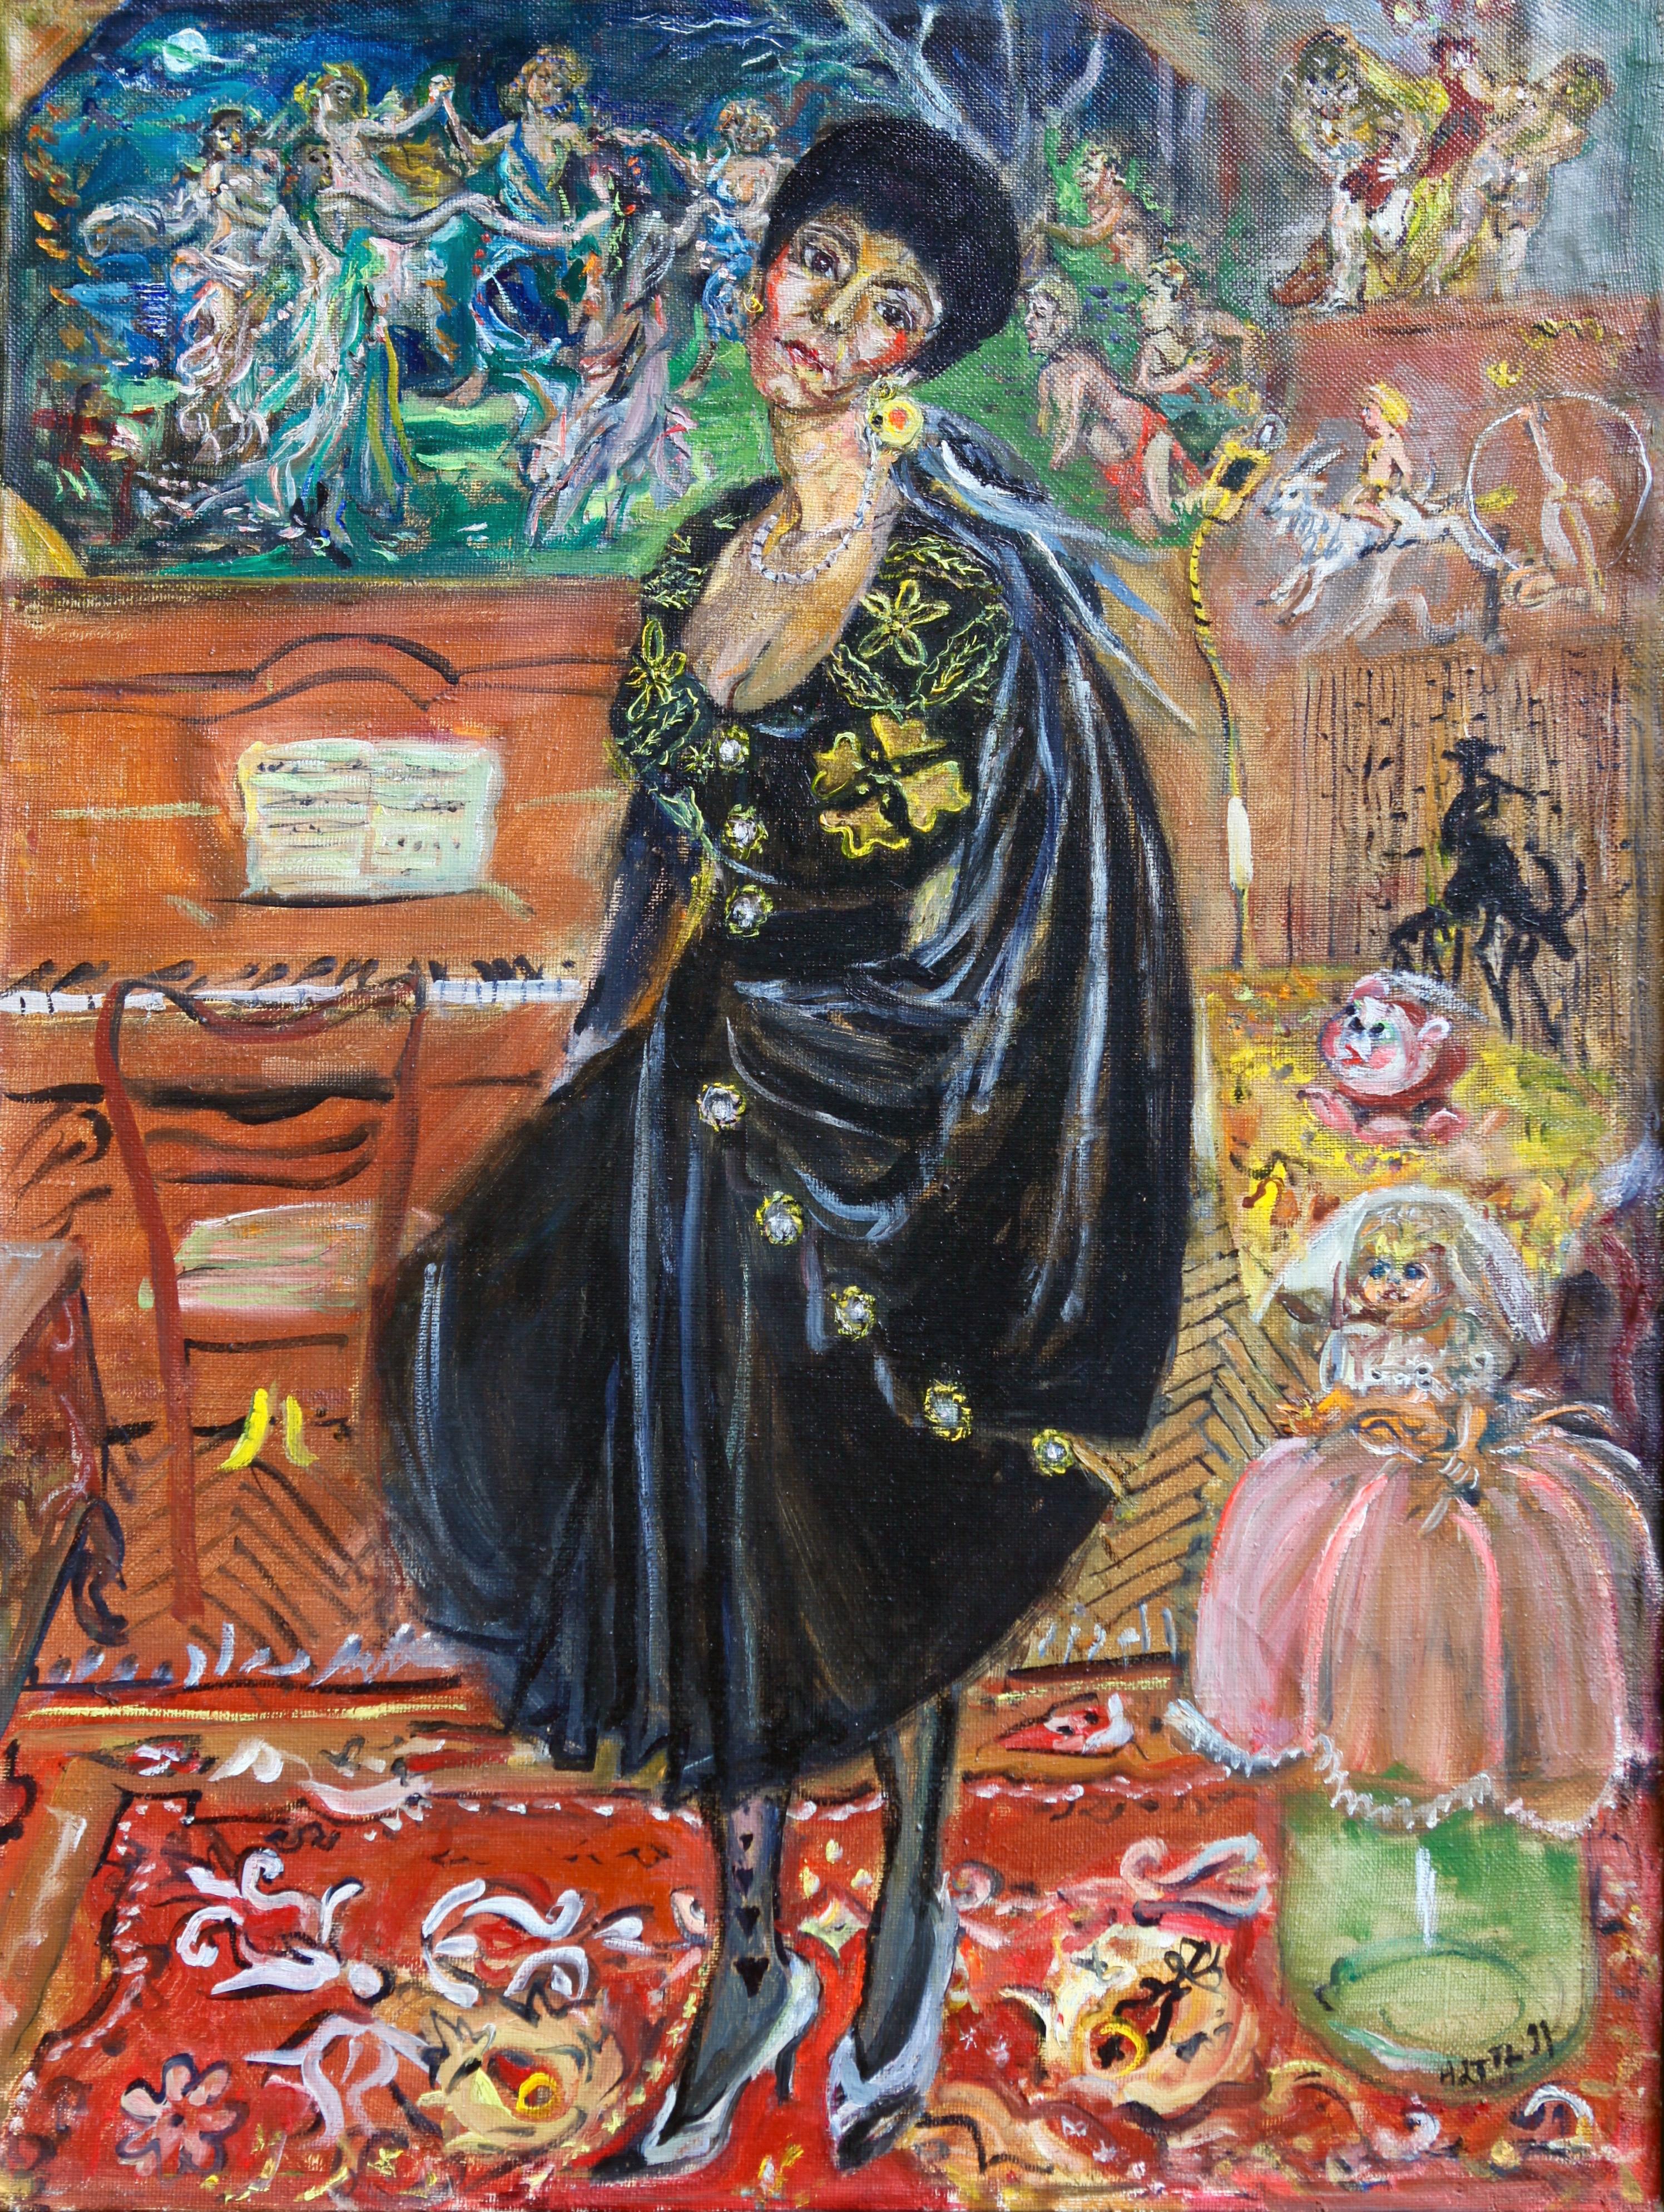 Natta I. Konysheva. 1991.